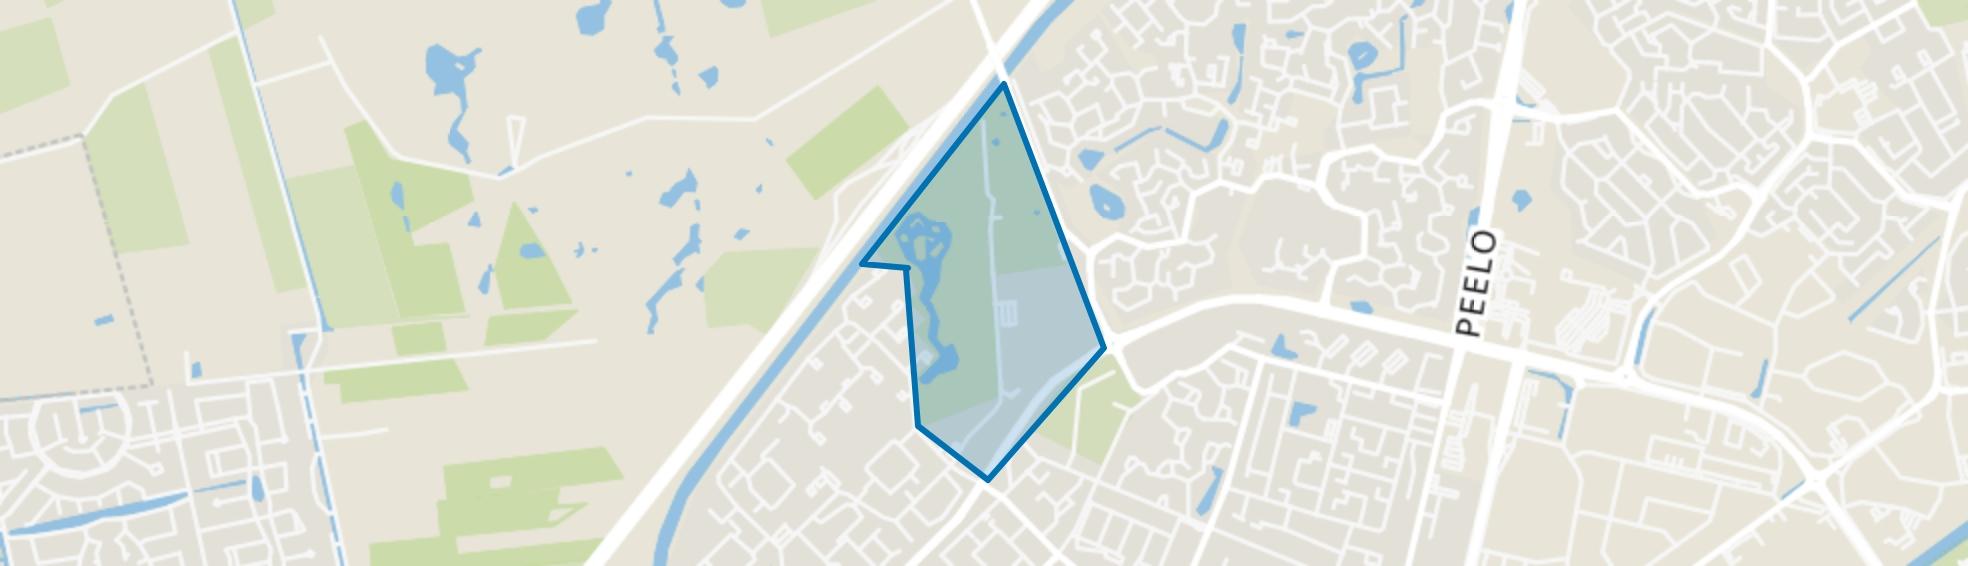 Recreatiepark Pittelo, Assen map